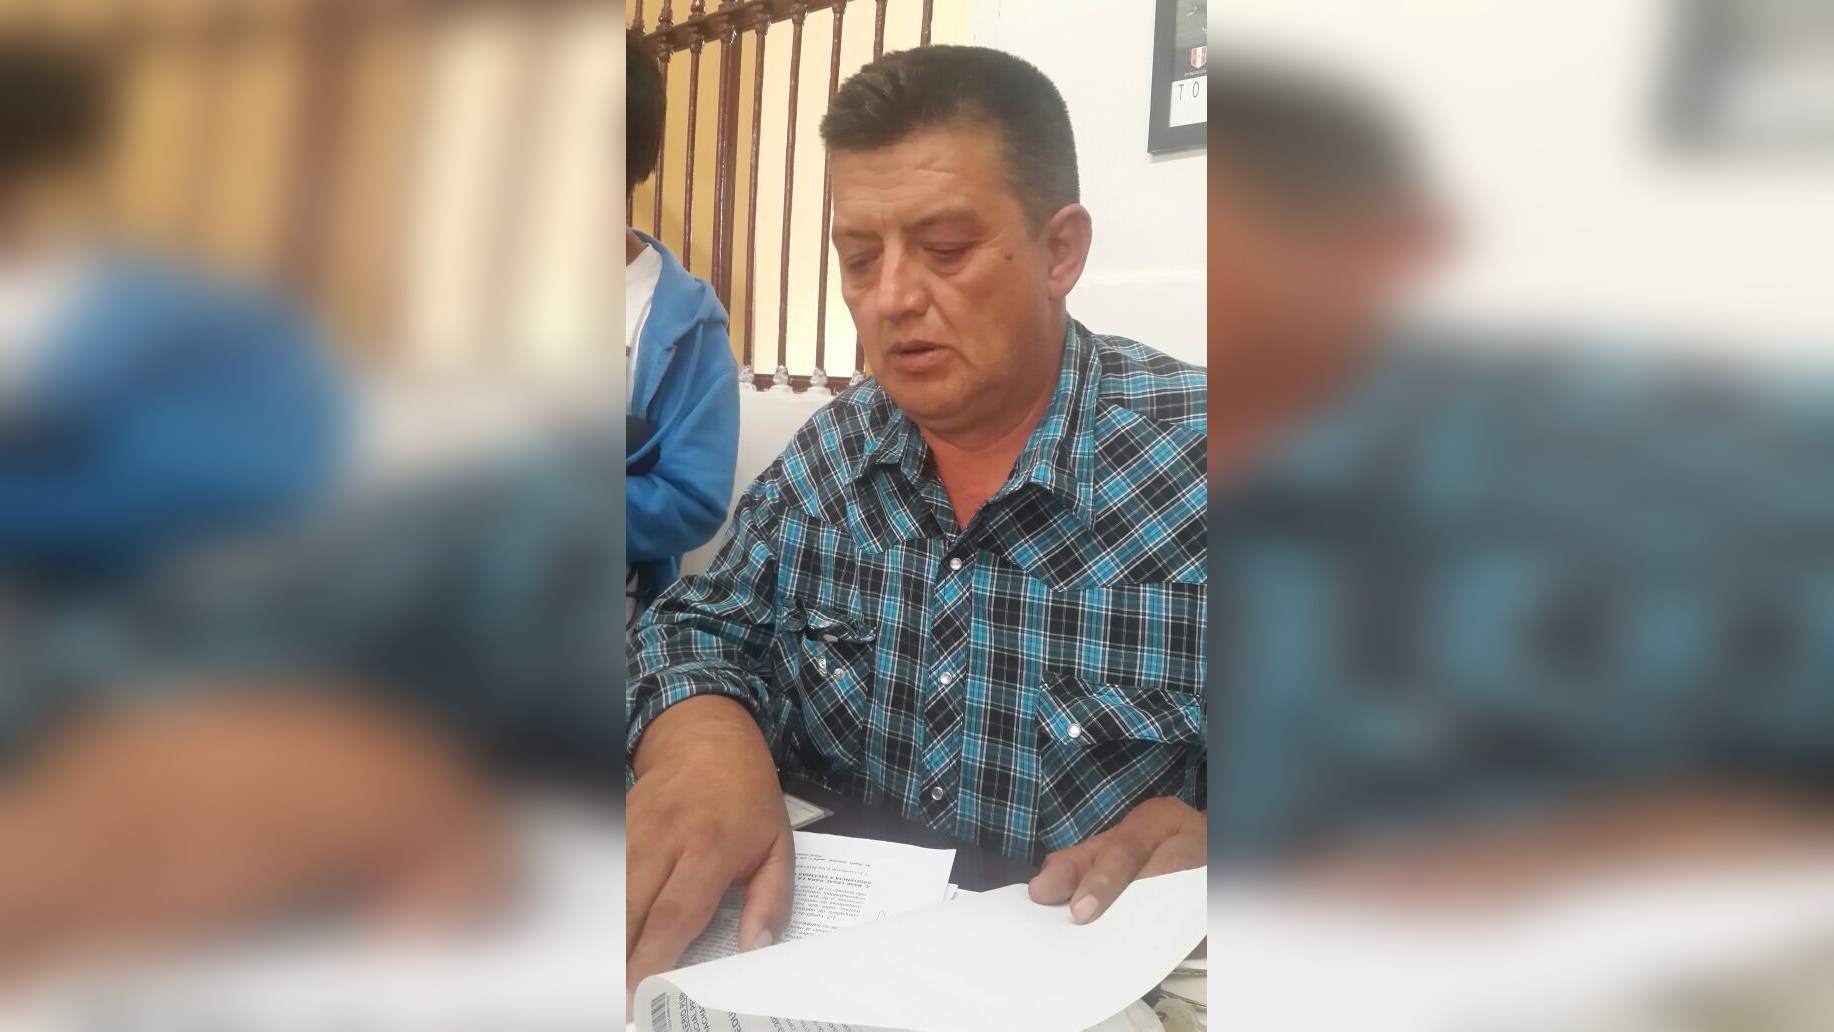 Gustavo Vidal Claros anunció que presentará un recurso de queja para evitar que se archive este caso